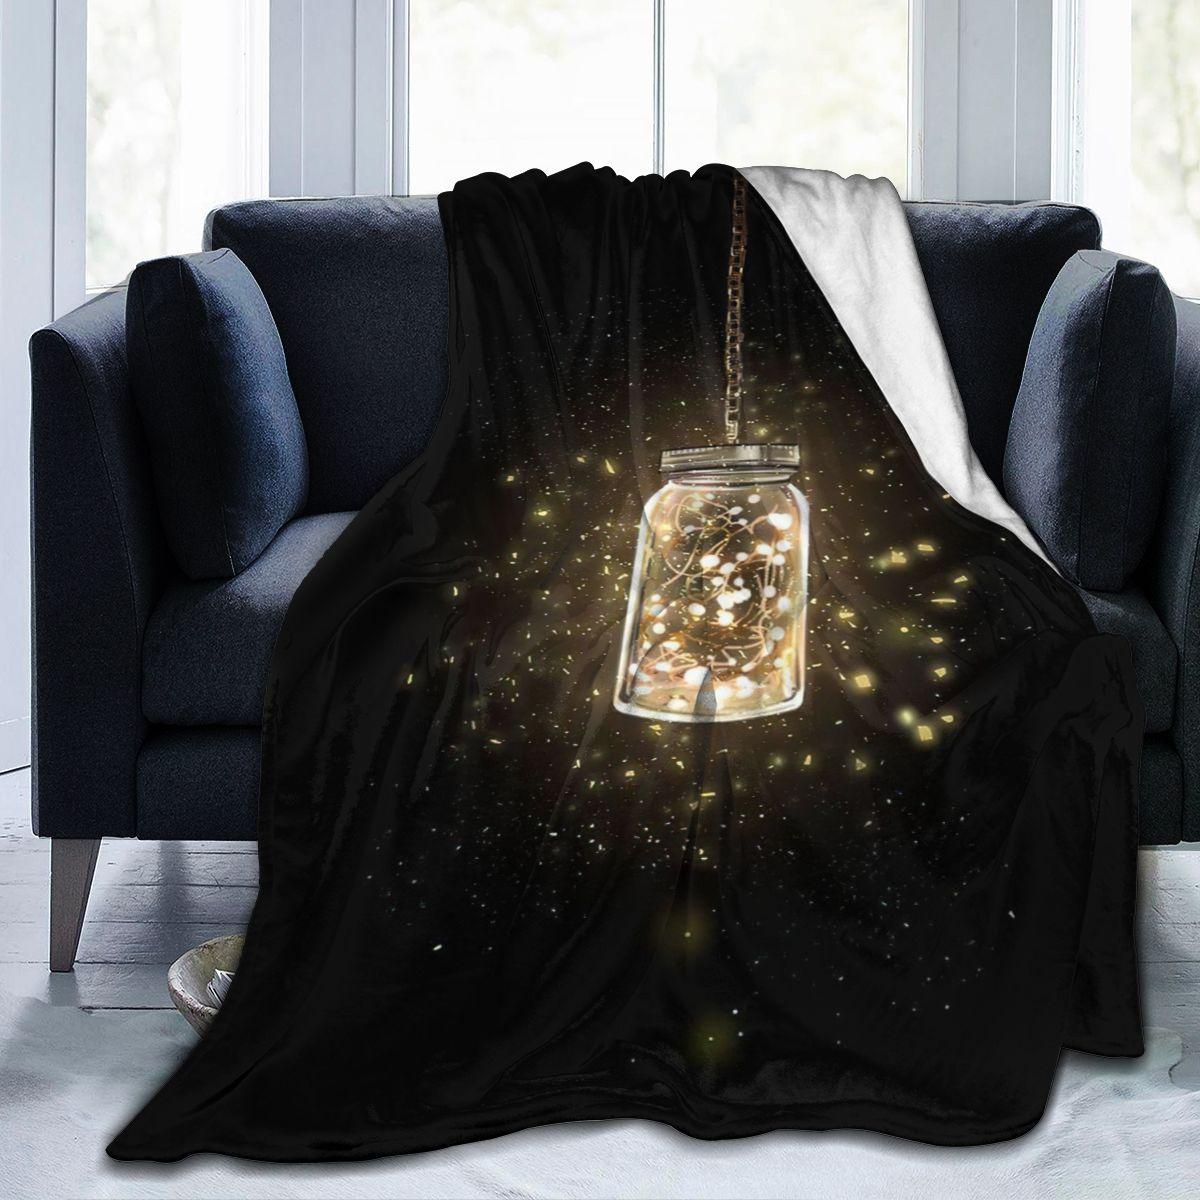 الترا لينة أريكة غطاء بطانية بطانية الفراش الكرتون الكرتون الفانيلا plied أريكة ديكور غرفة نوم للأطفال والكبار 26241